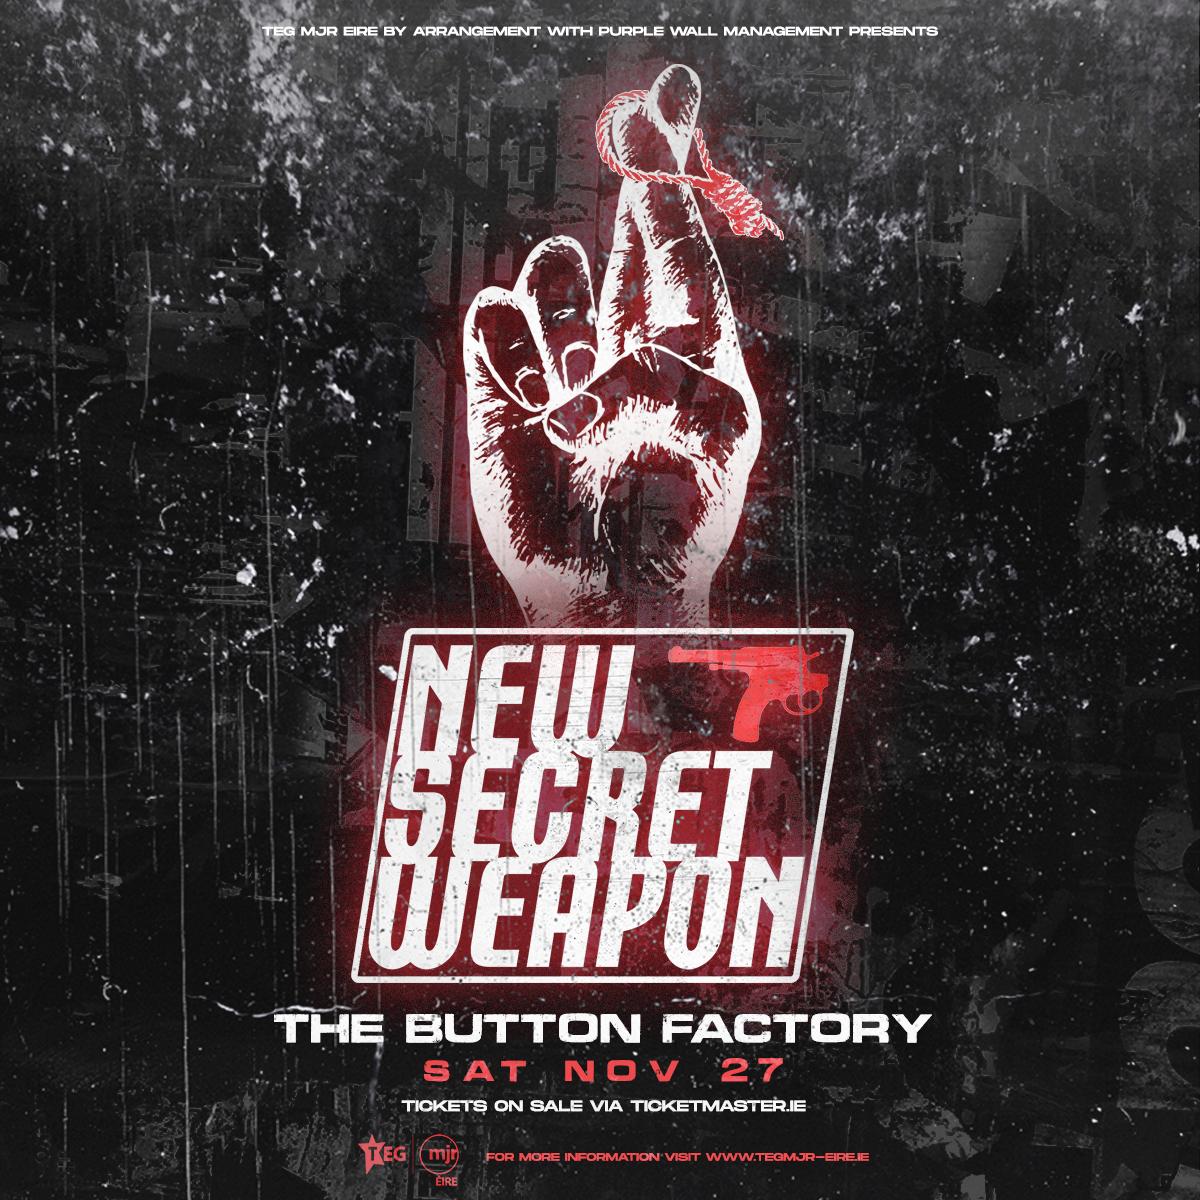 New Secret Weapon